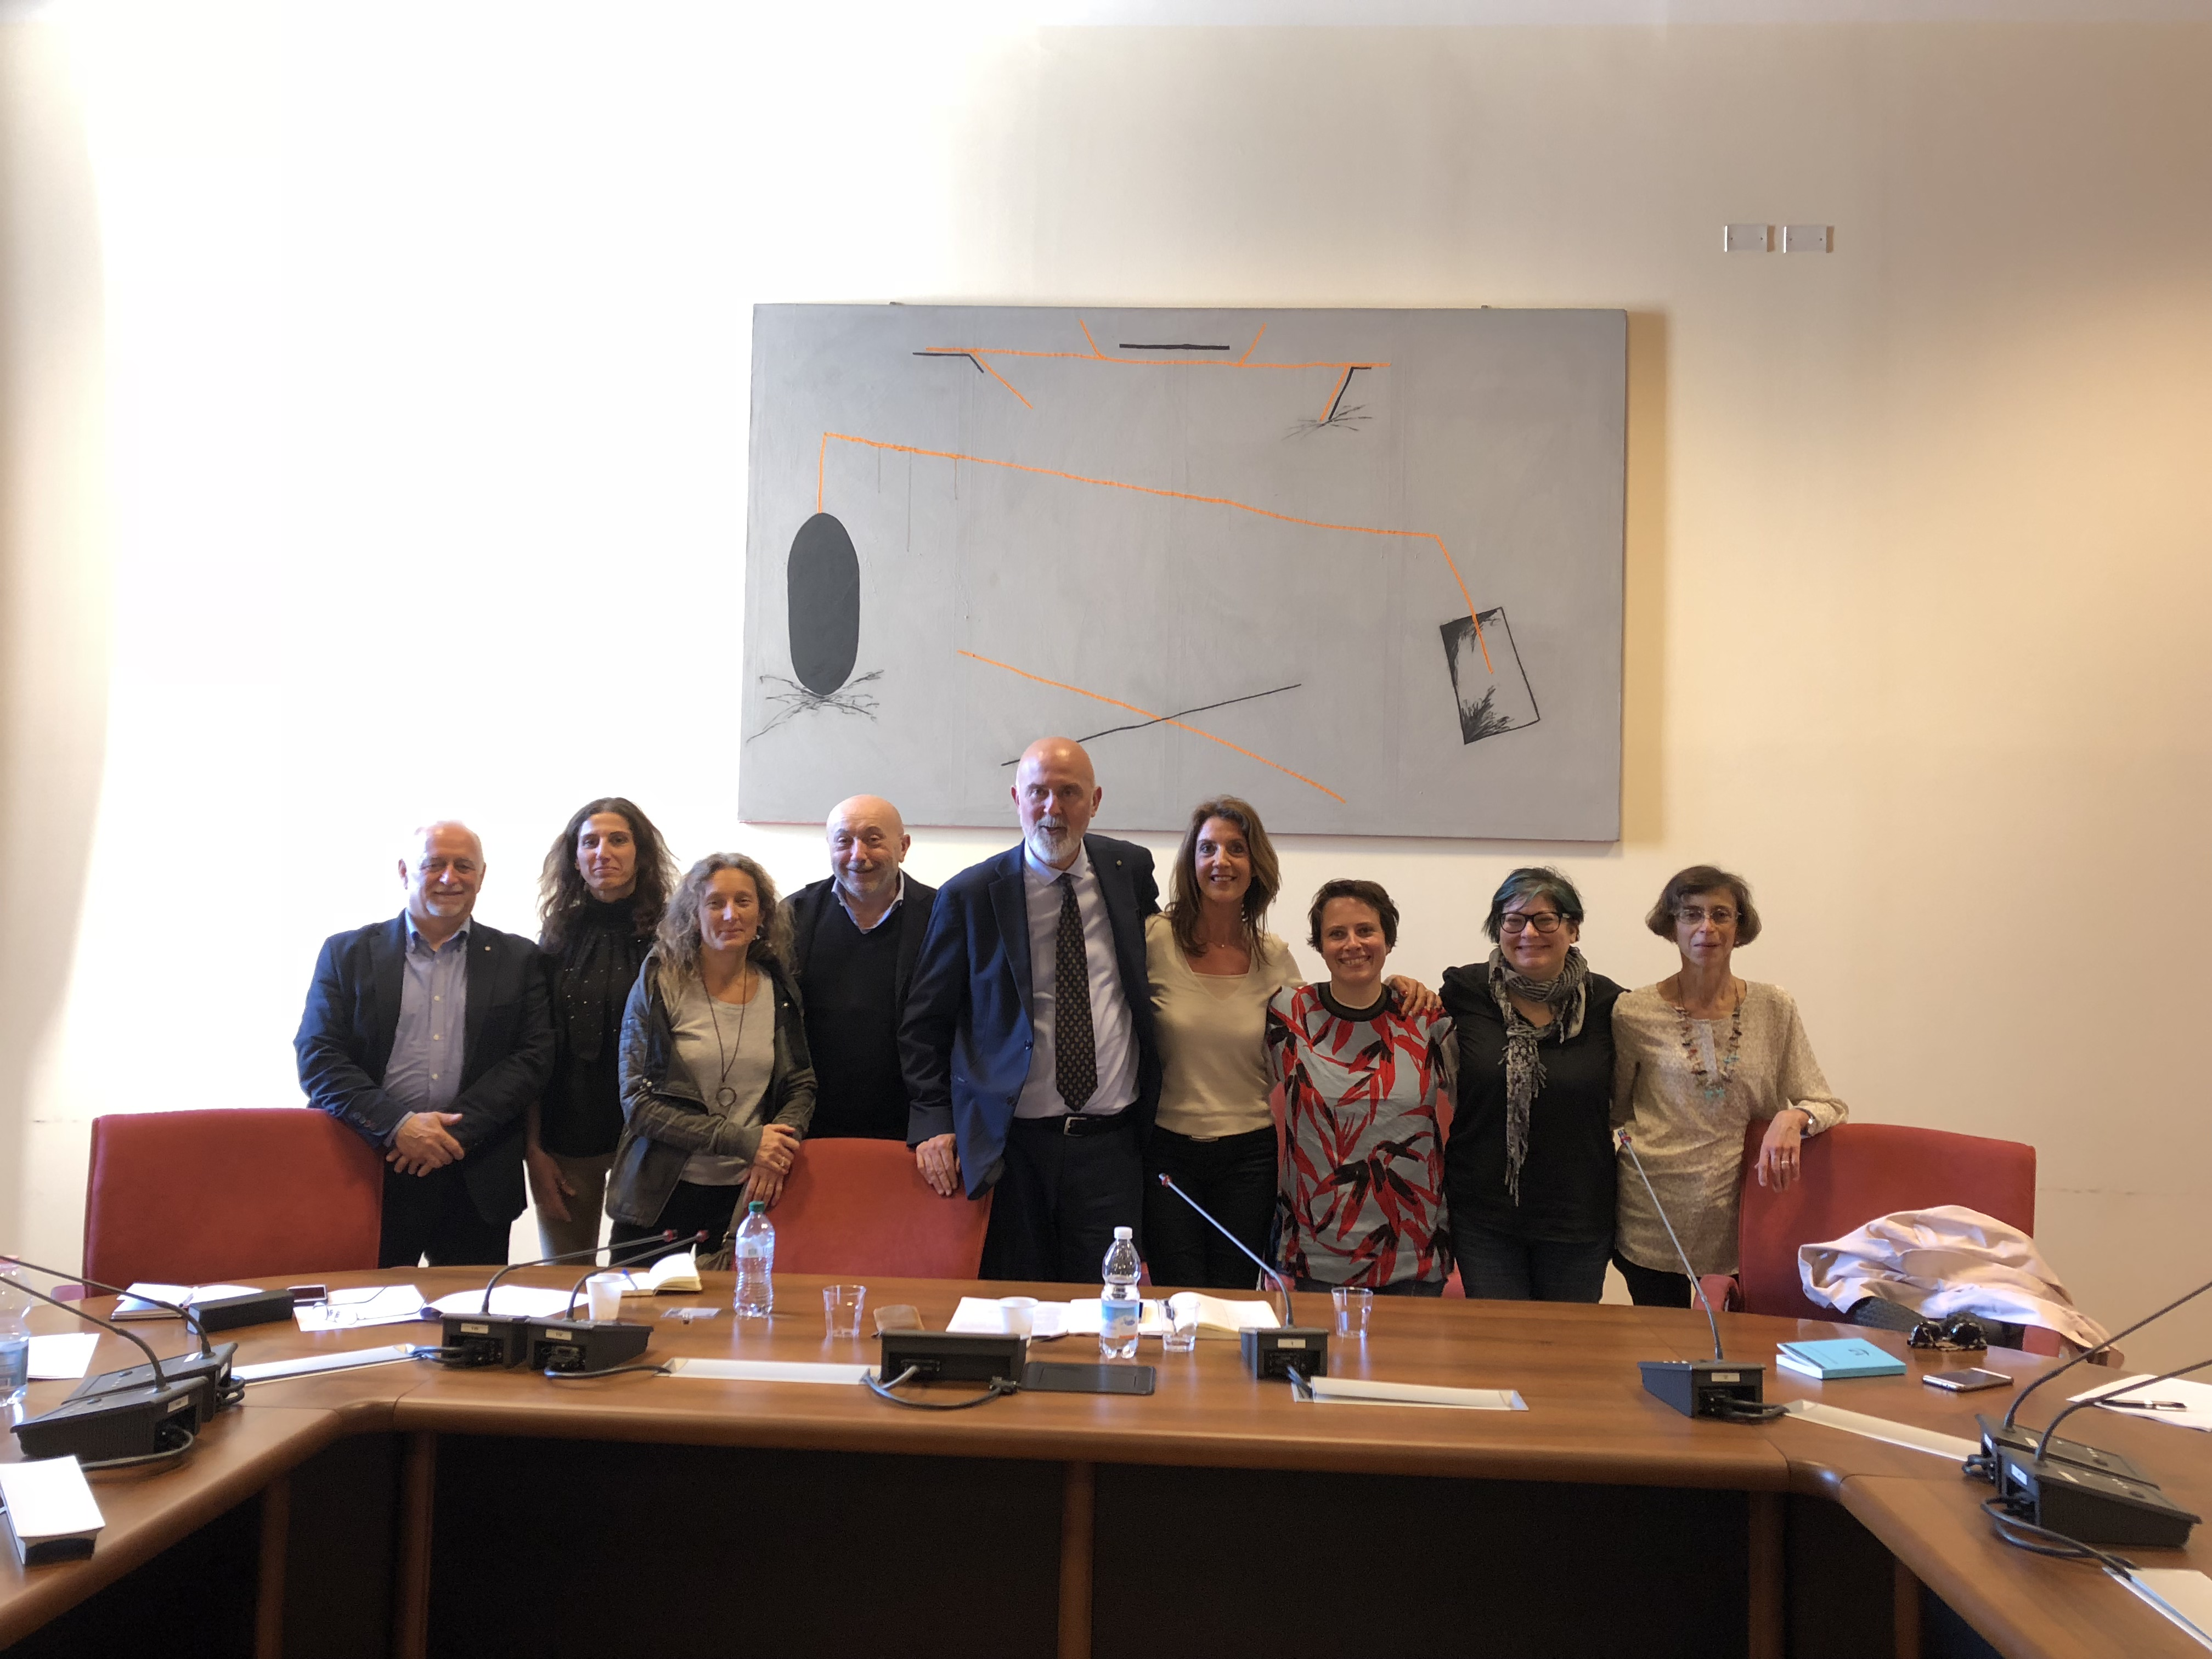 Associazione-Beni-Italiani-18apr2018-1